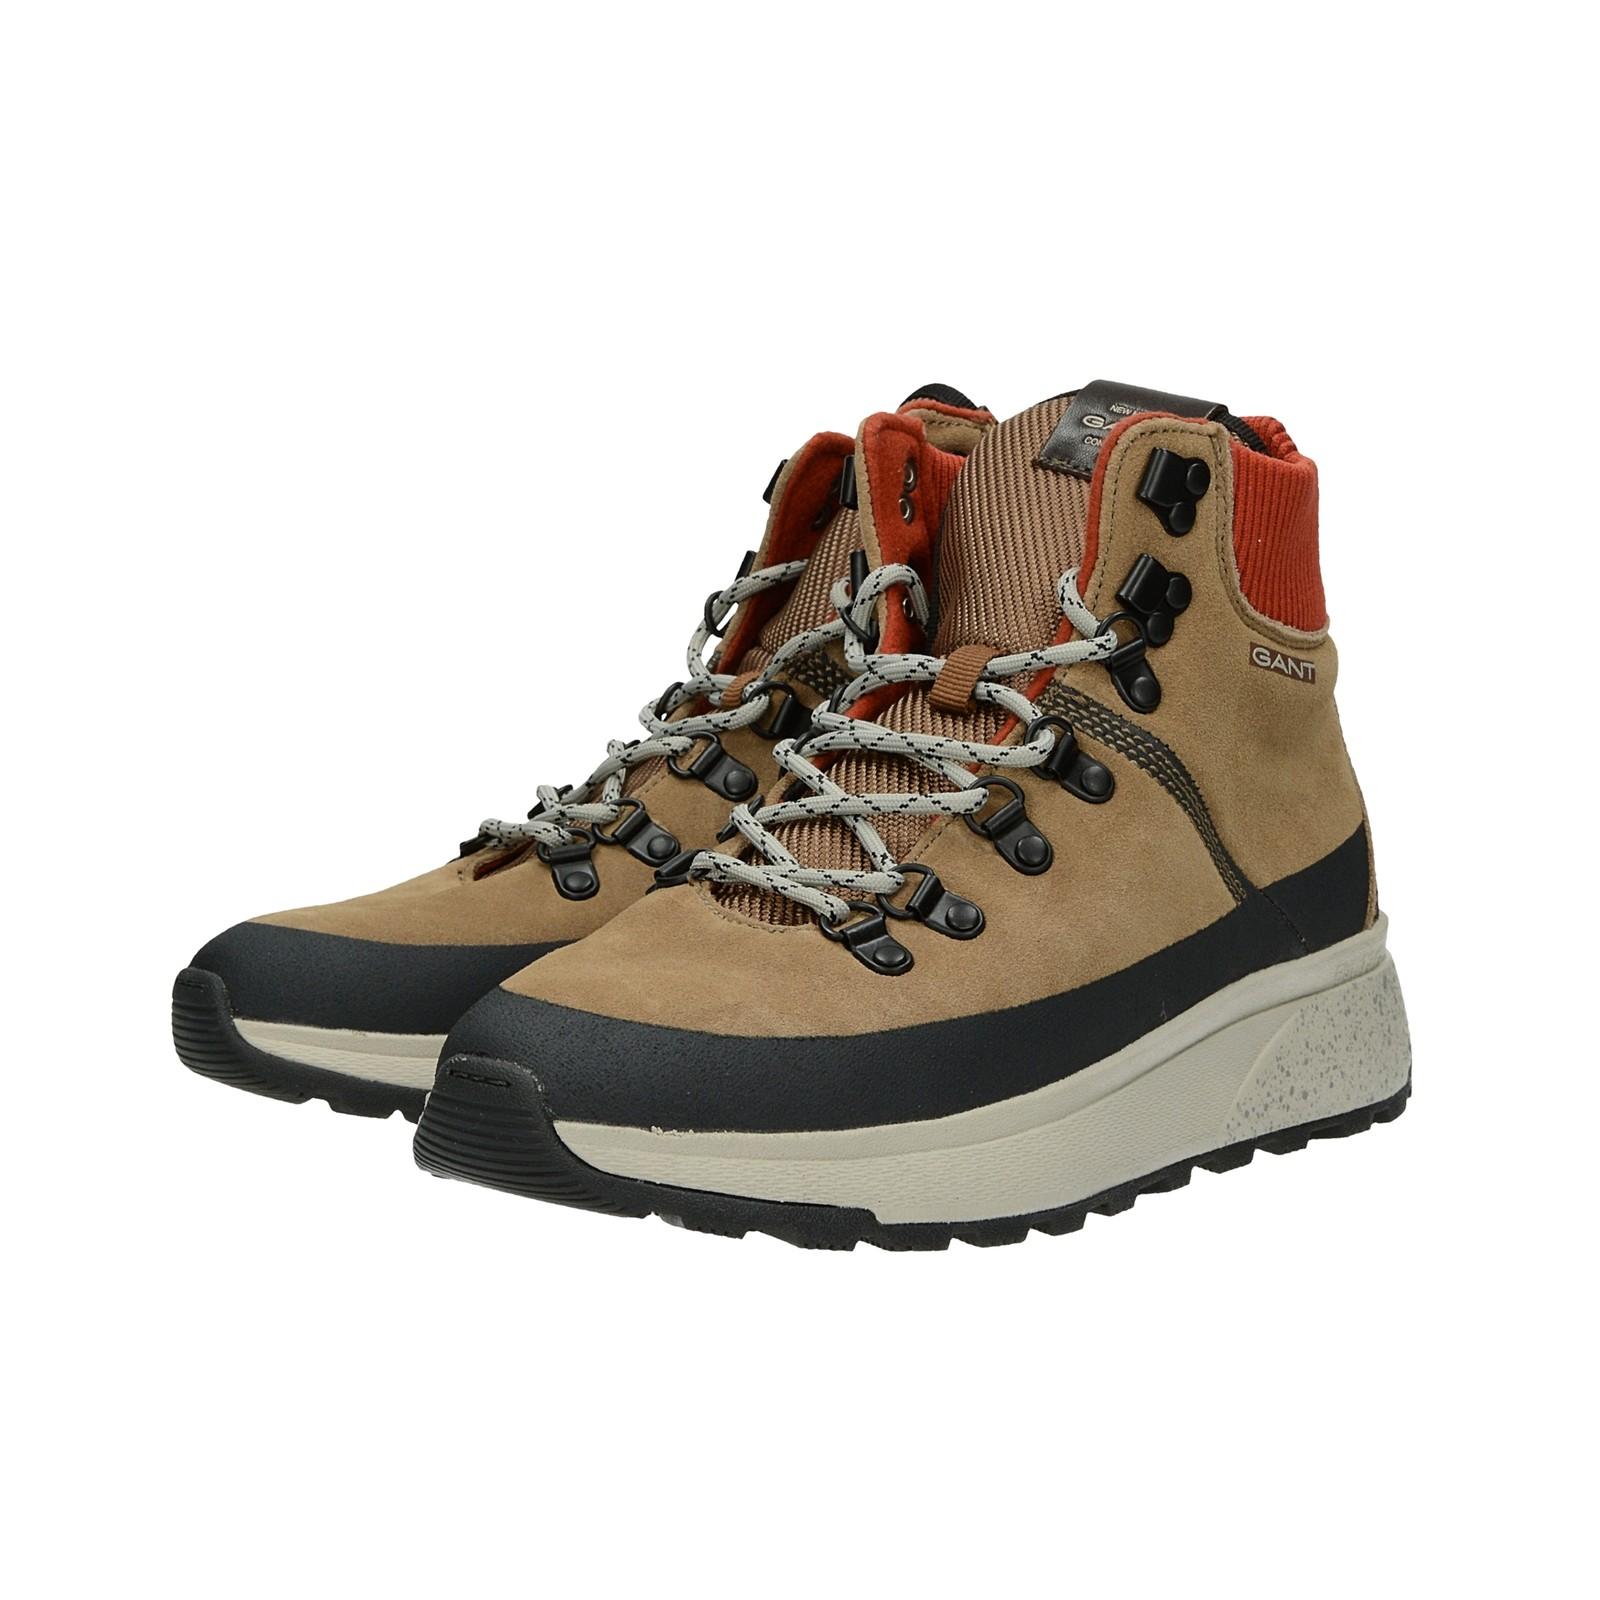 27a6489a1416 ... Gant pánska štýlová členková obuv - béžová ...